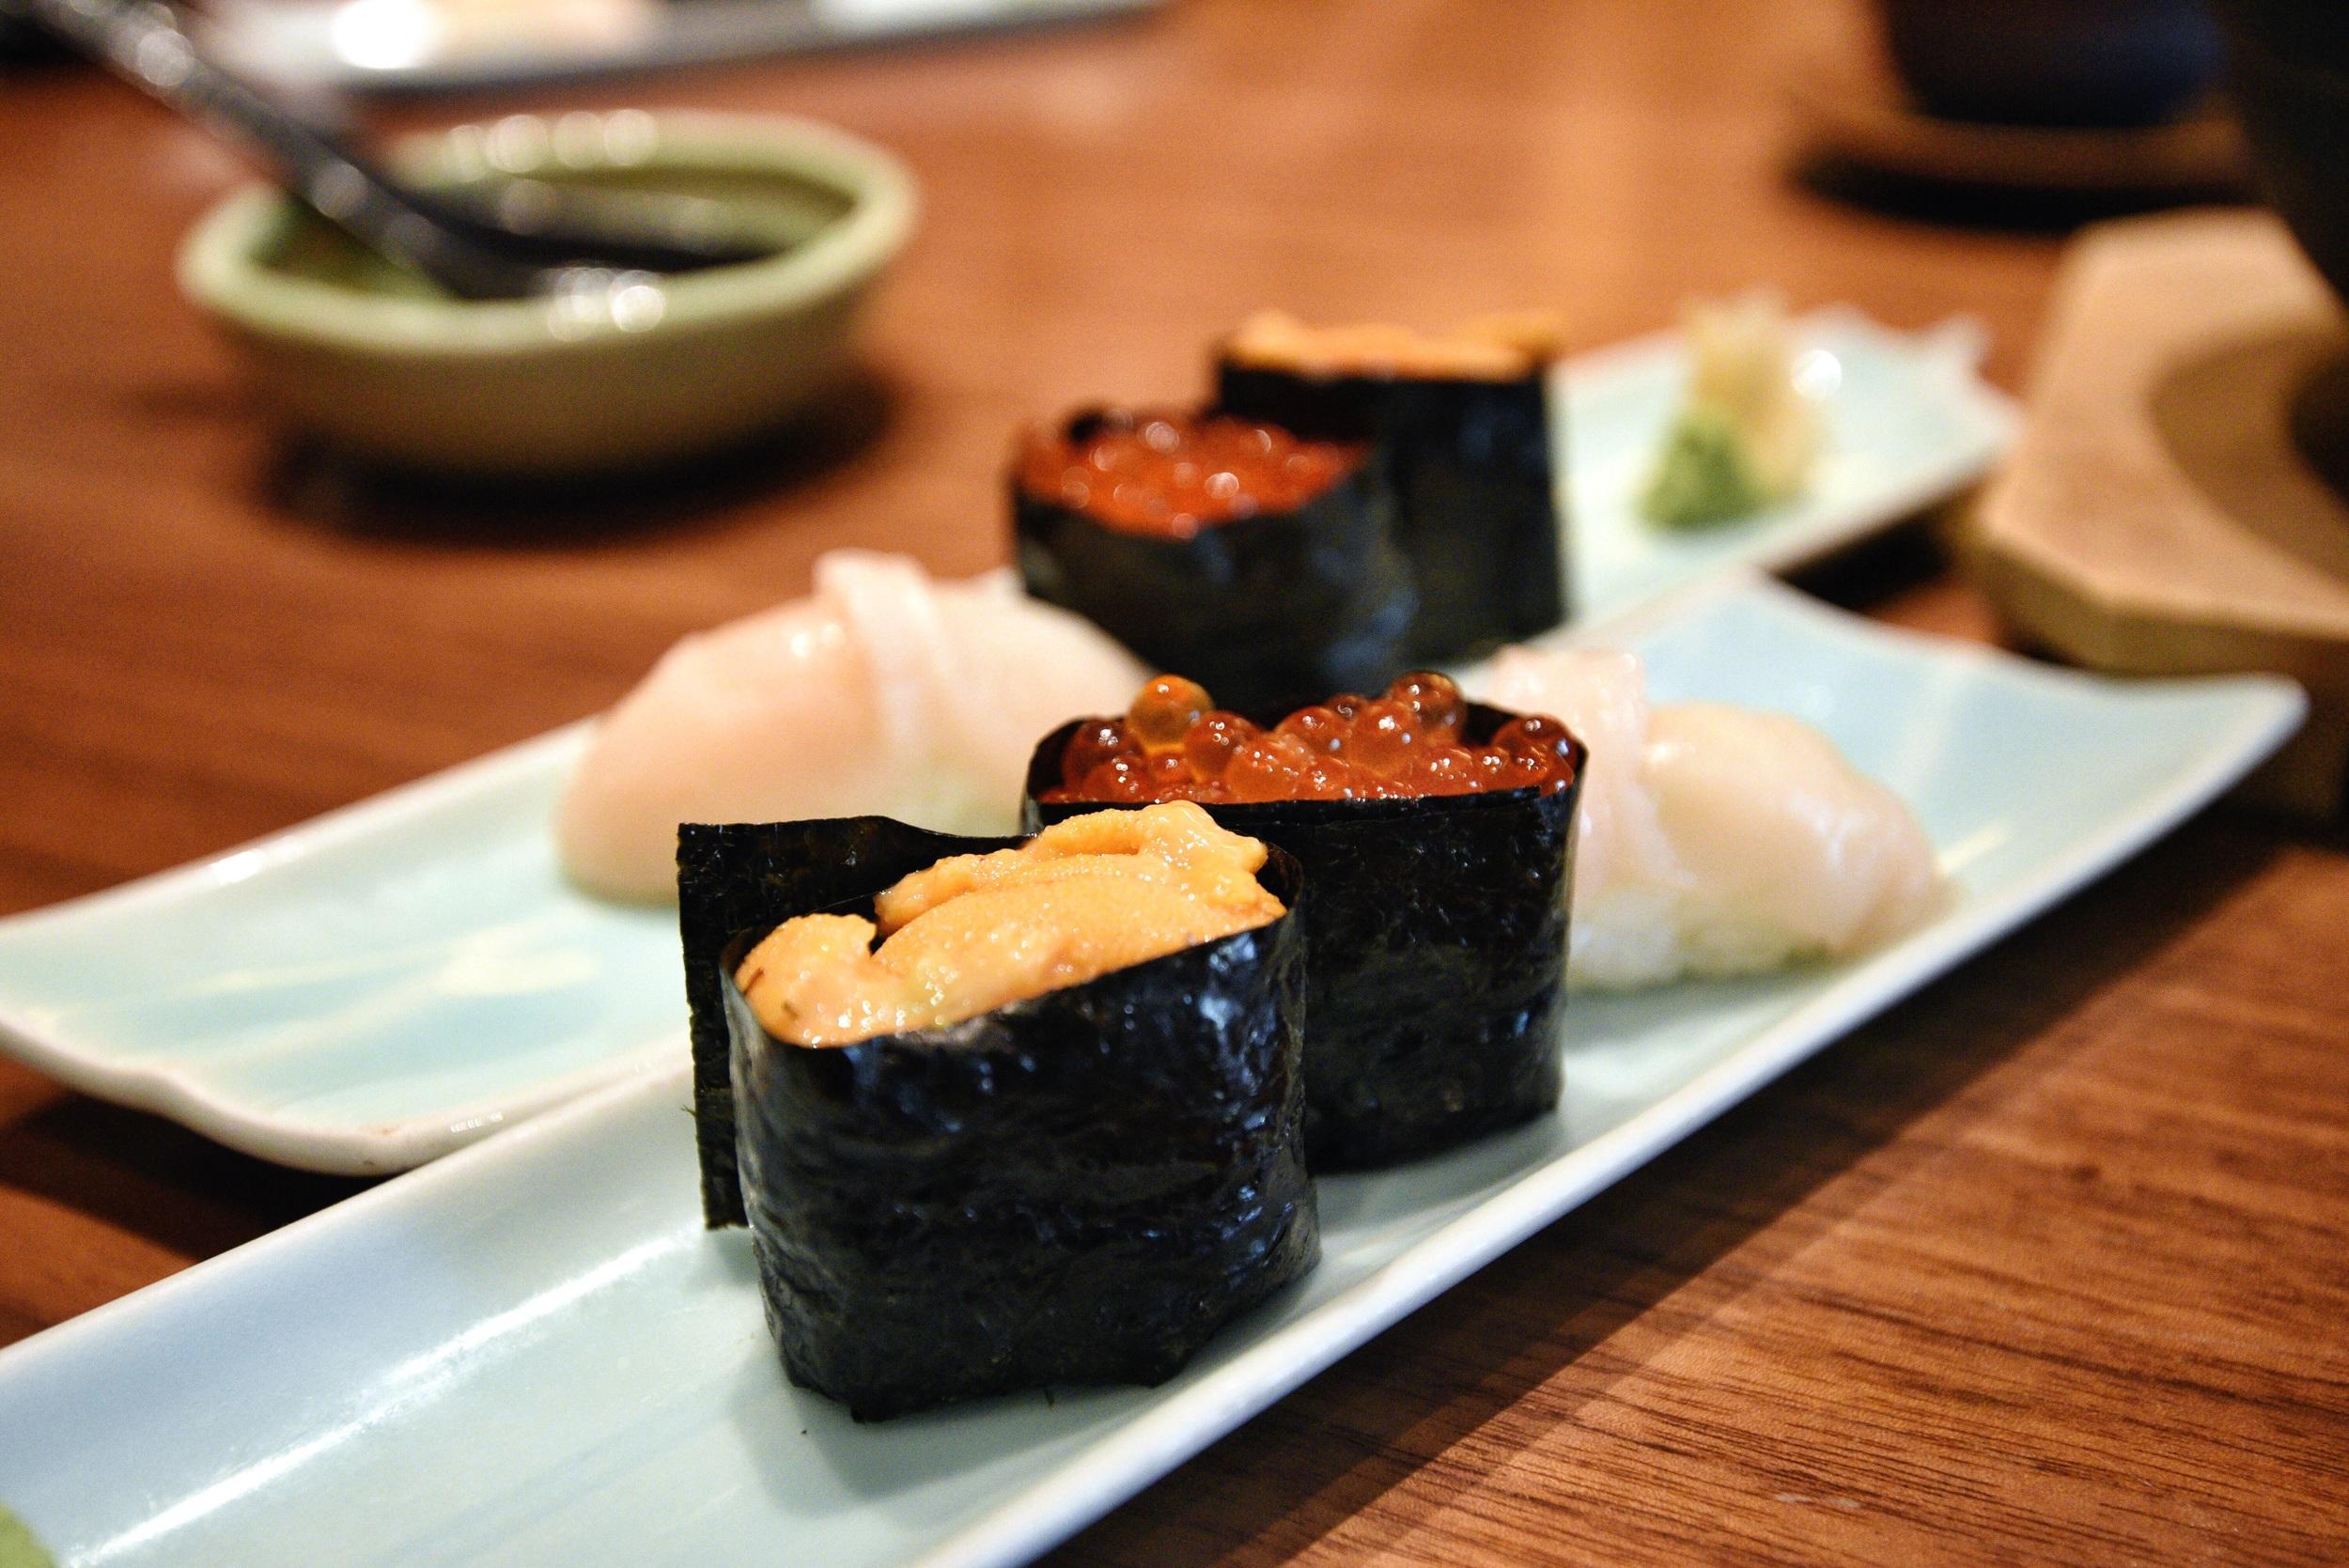 Sushi - Uni (Sea Urchin) Ikura (Salmon Roe), Hotate (Scallop)